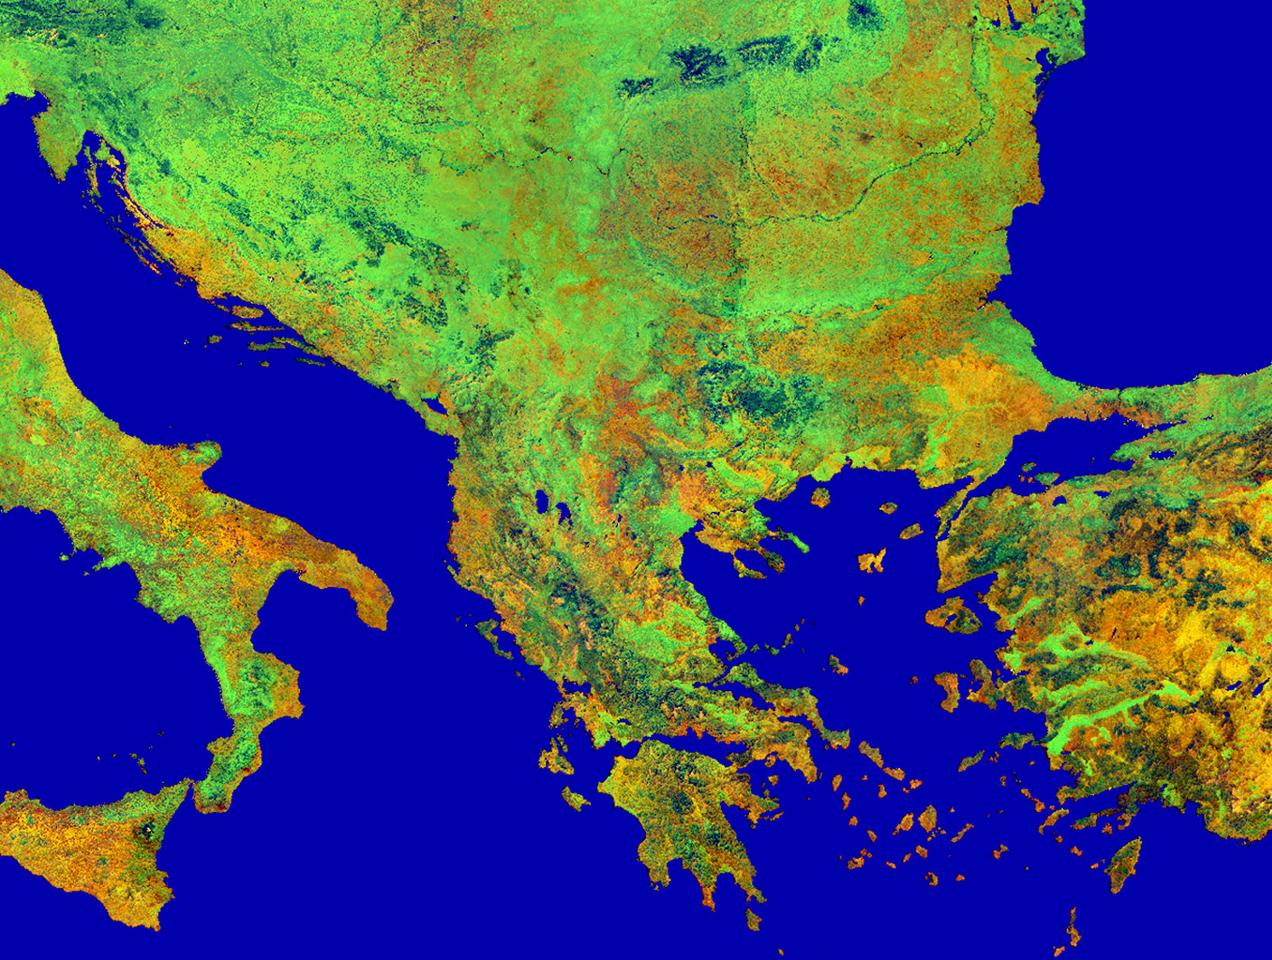 Vista satelital de los Balcanes